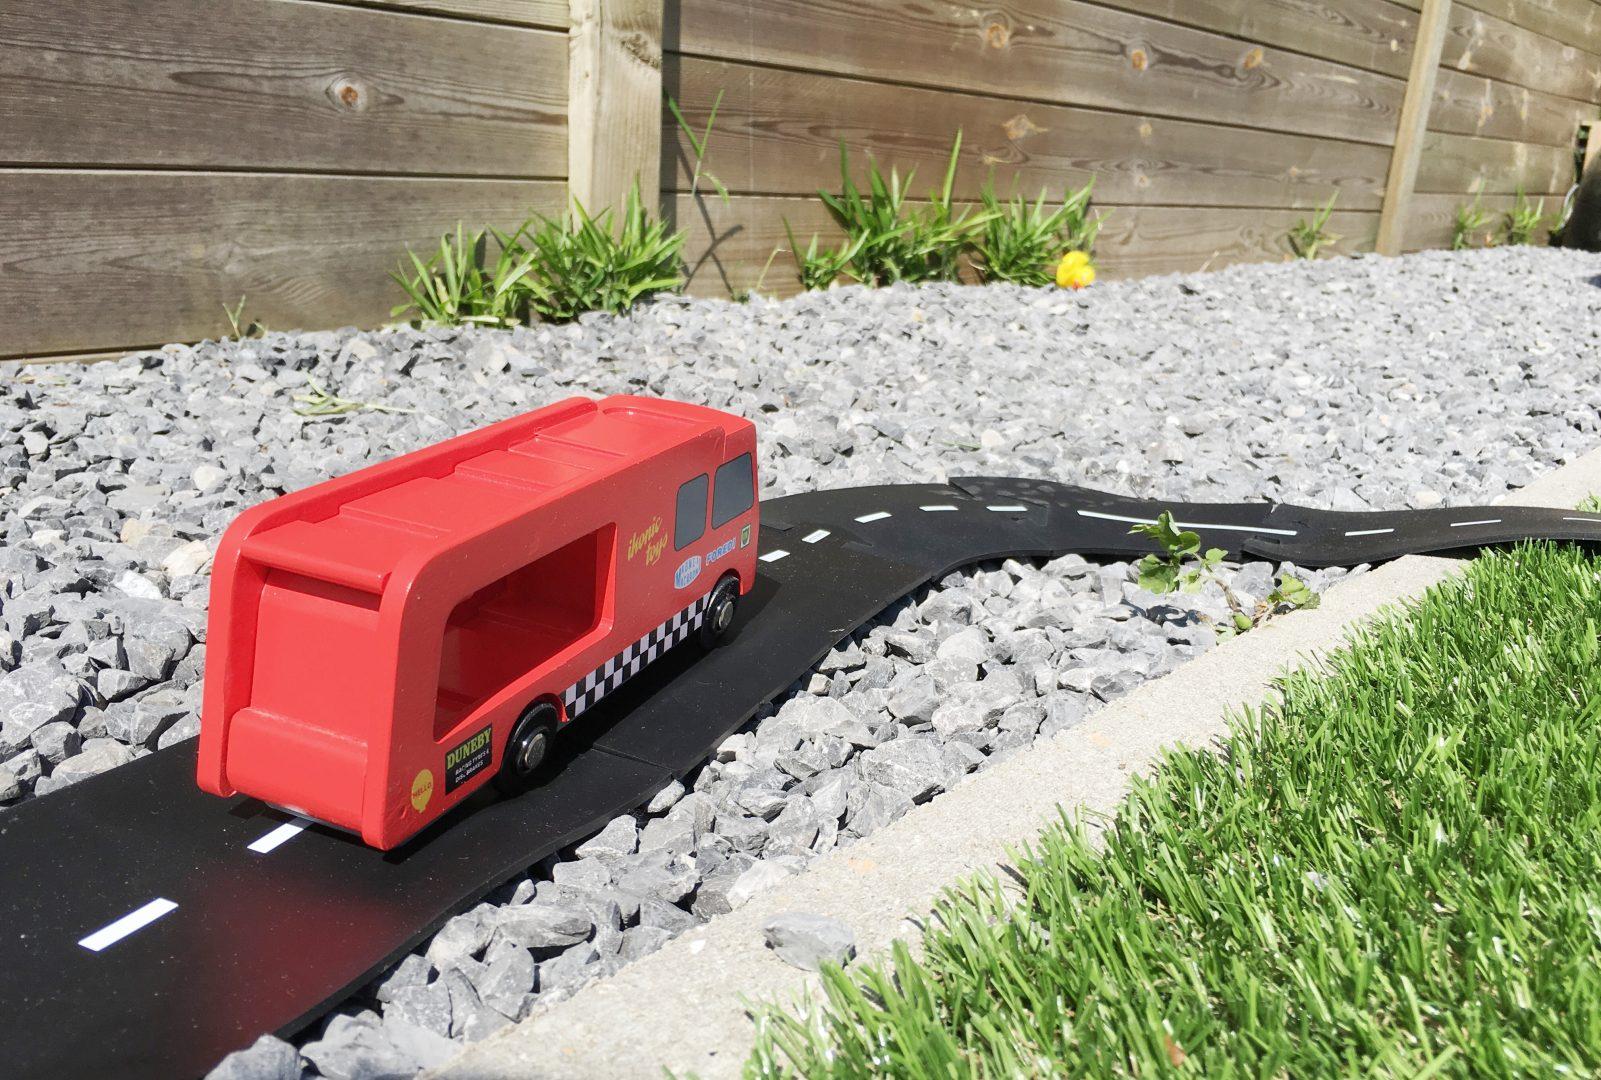 FullSizeRender 1534 - Way to play, de flexibele autobaan!